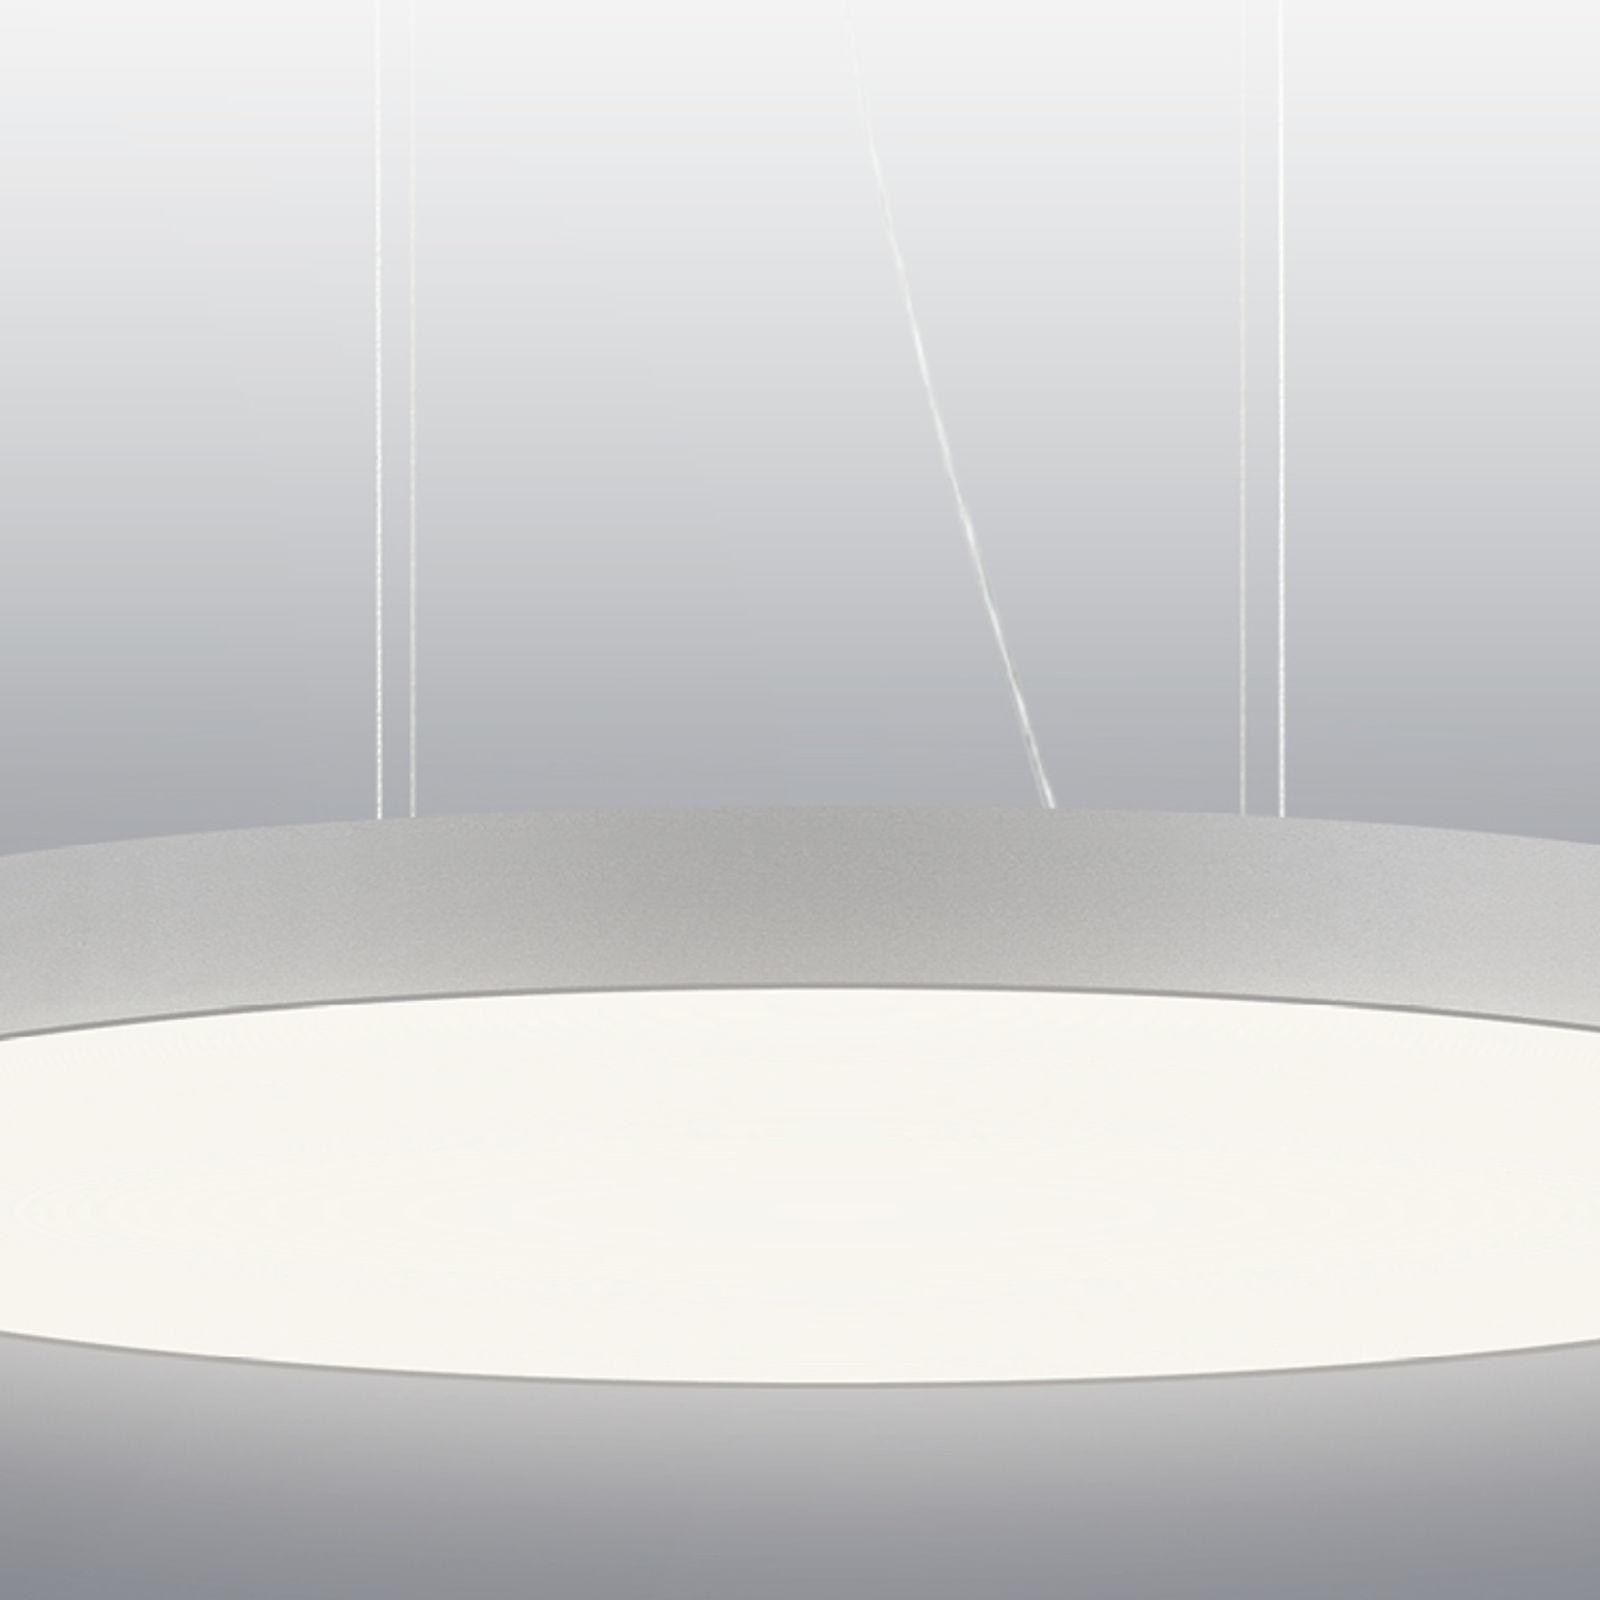 lampade consulenza sull illuminazione progettazione dell illuminazione e illuminotecnica in. Black Bedroom Furniture Sets. Home Design Ideas